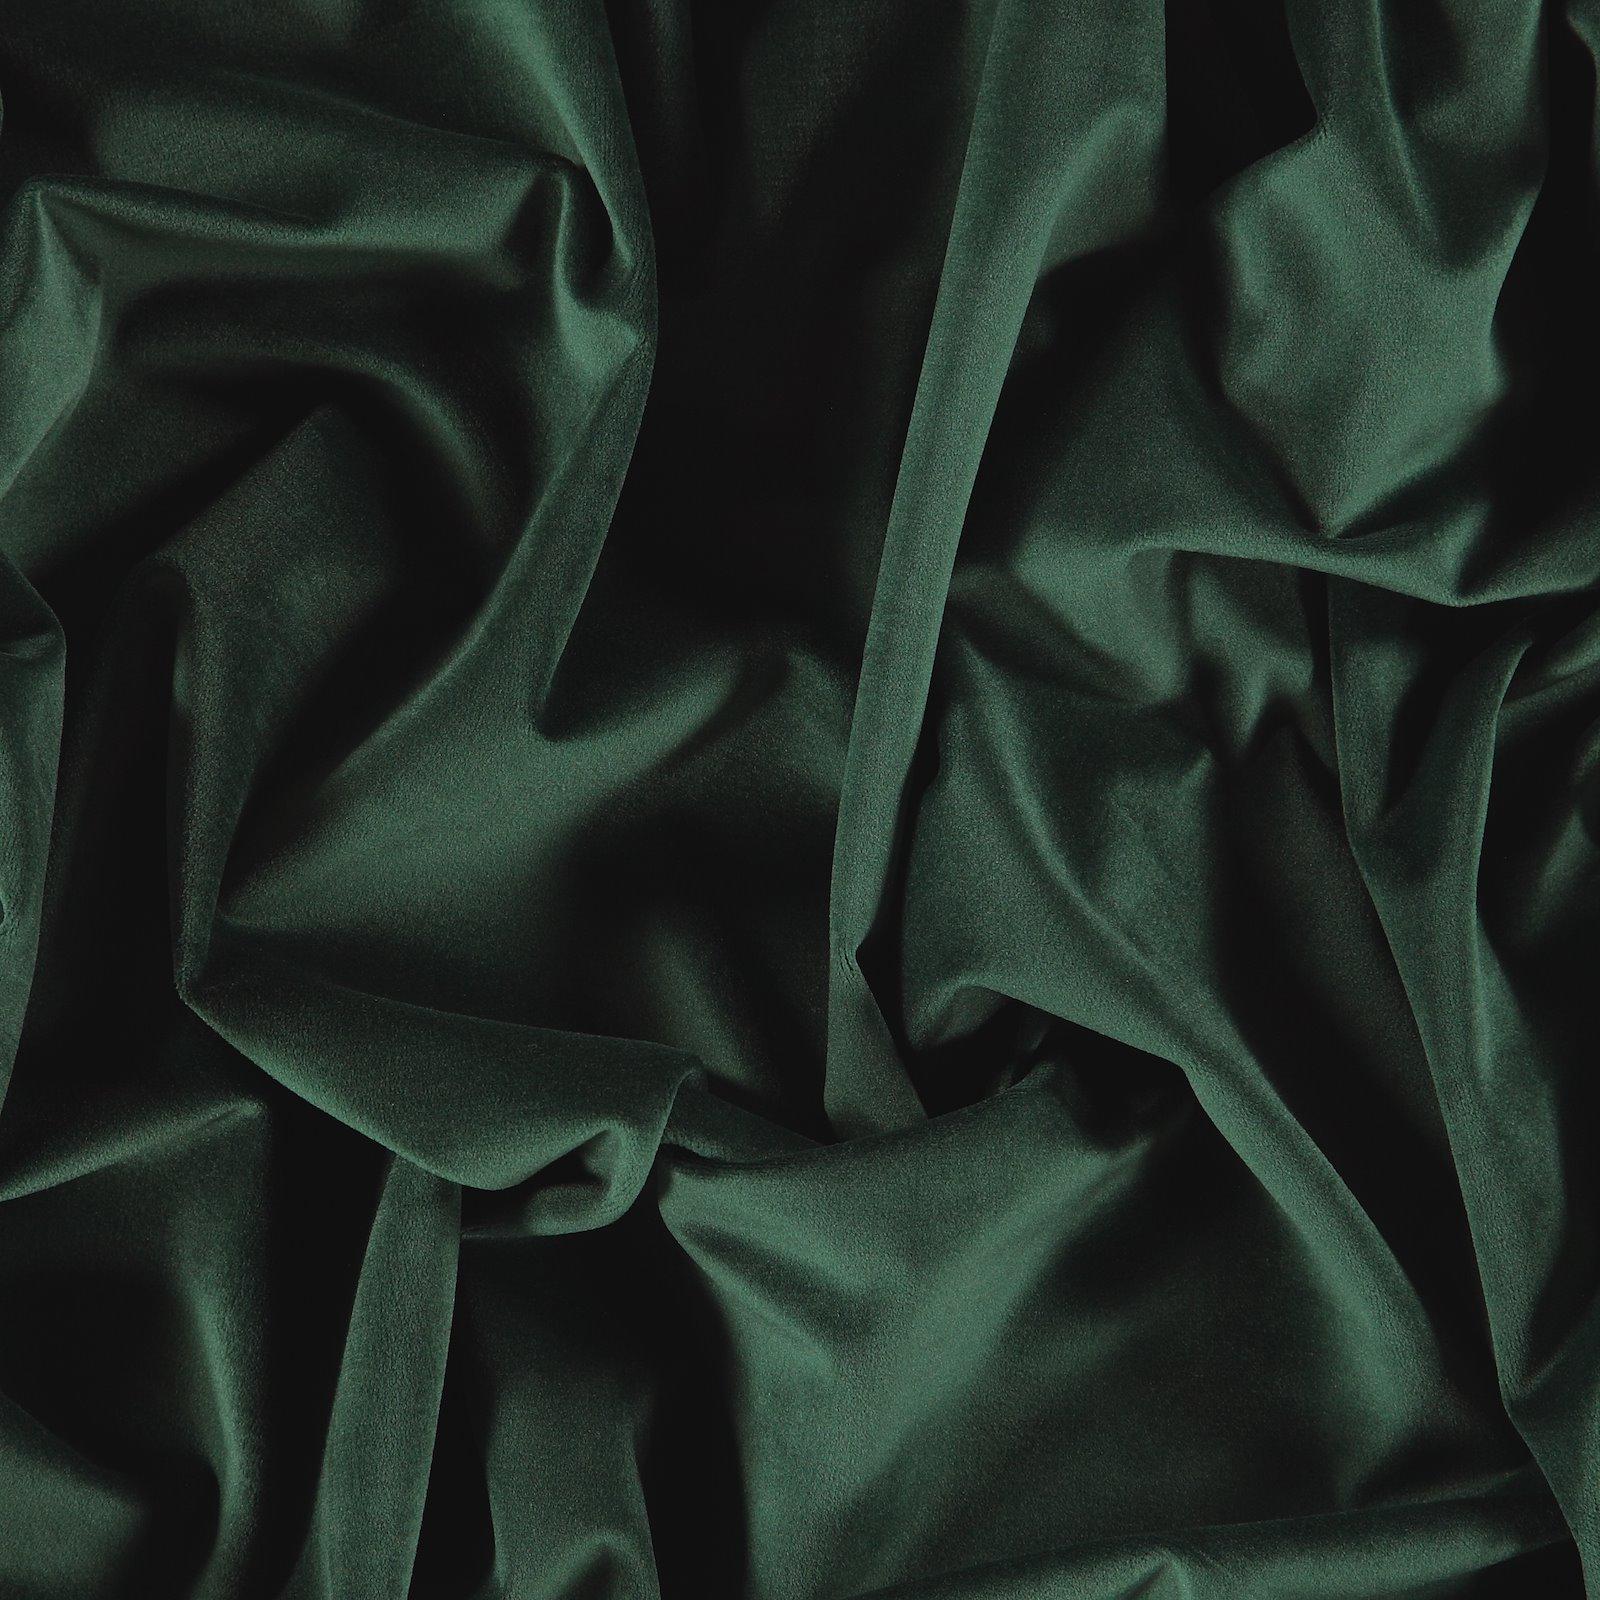 Upholstery shiny velvet emerald green 823724_pack